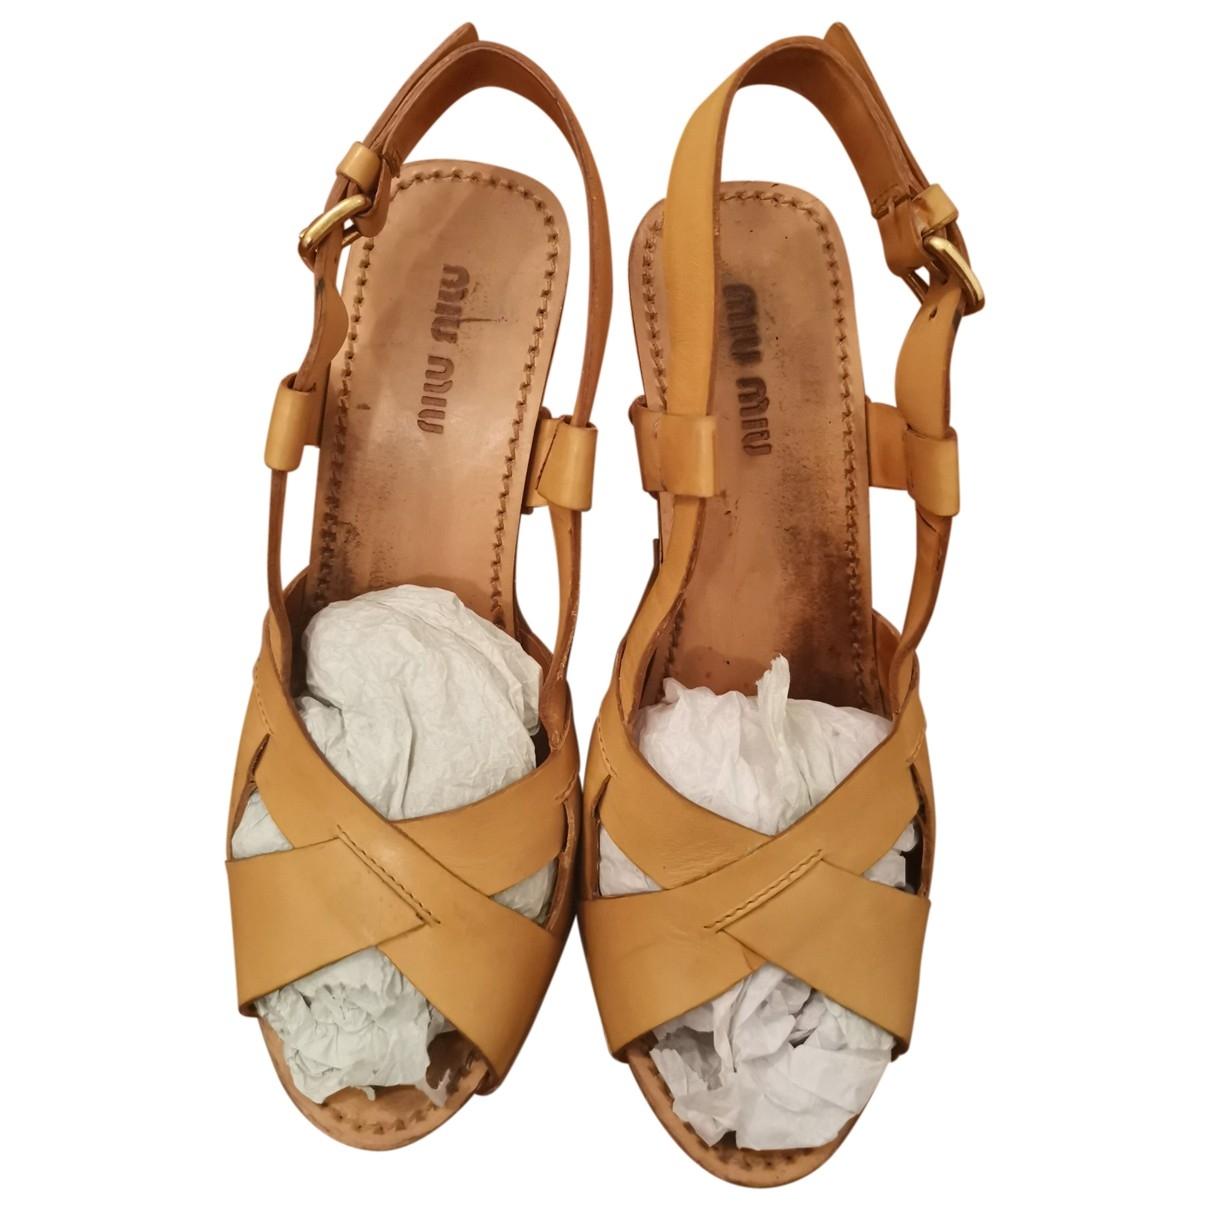 Miu Miu \N Beige Leather Sandals for Women 36.5 EU